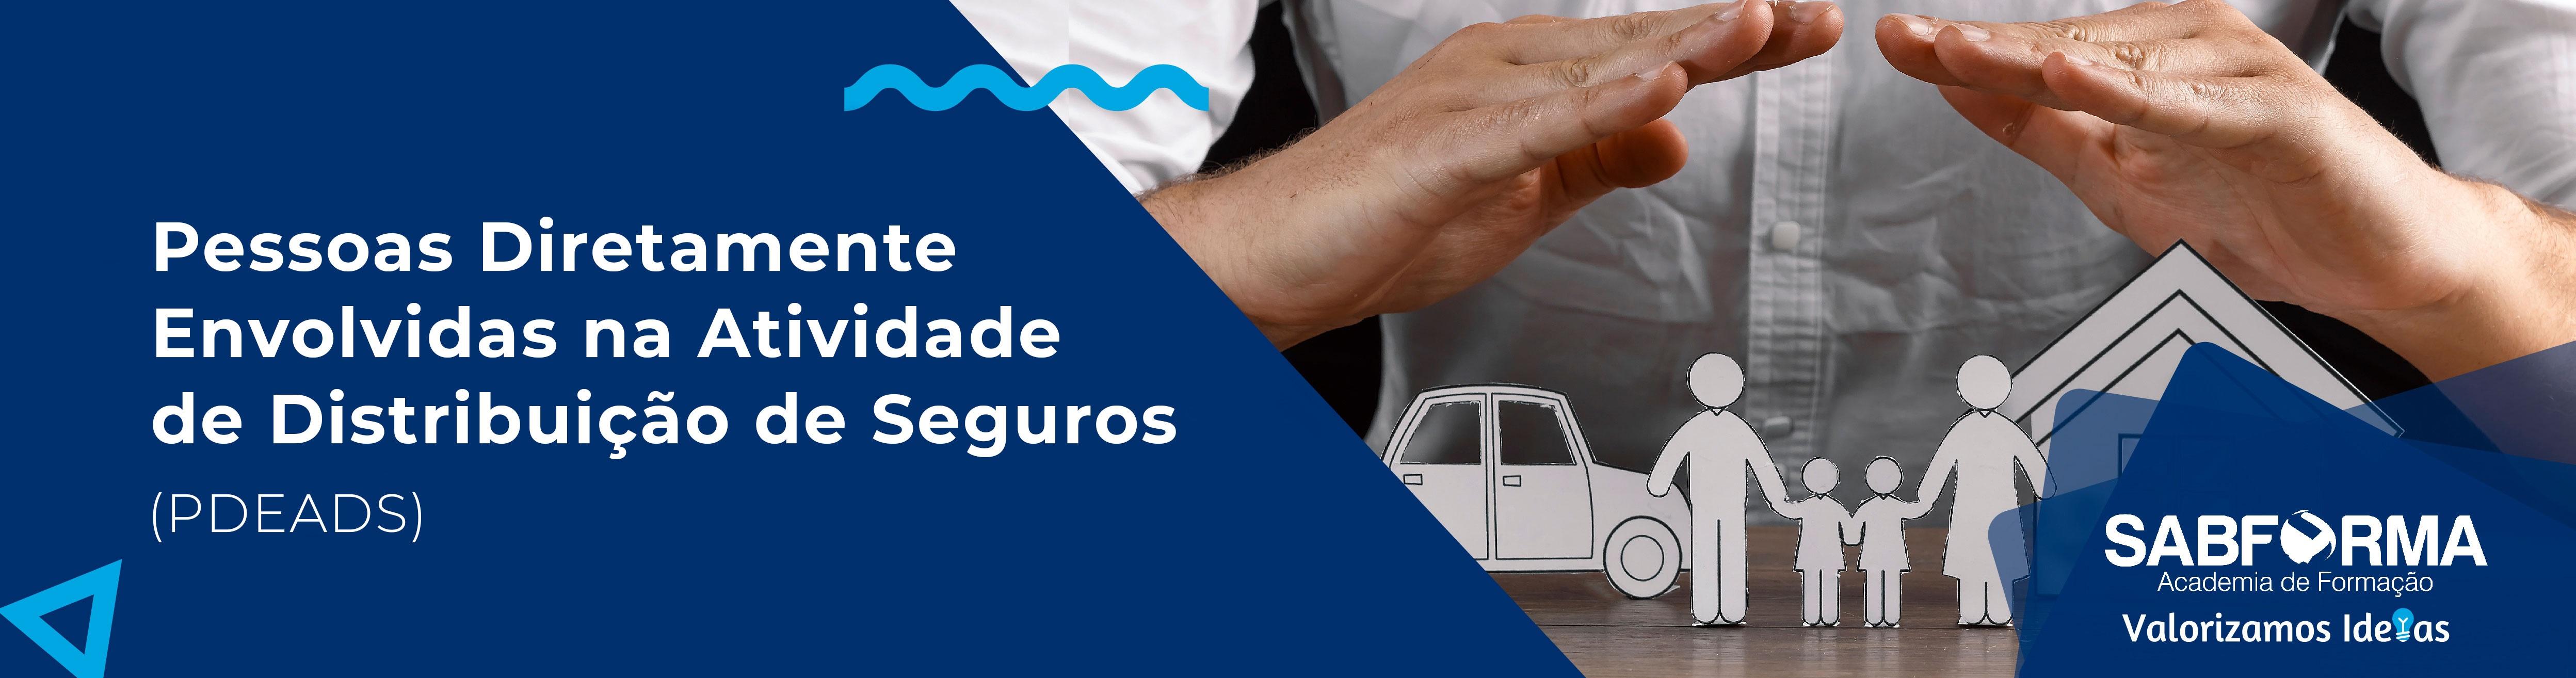 PDEADS Ramos Não Vida